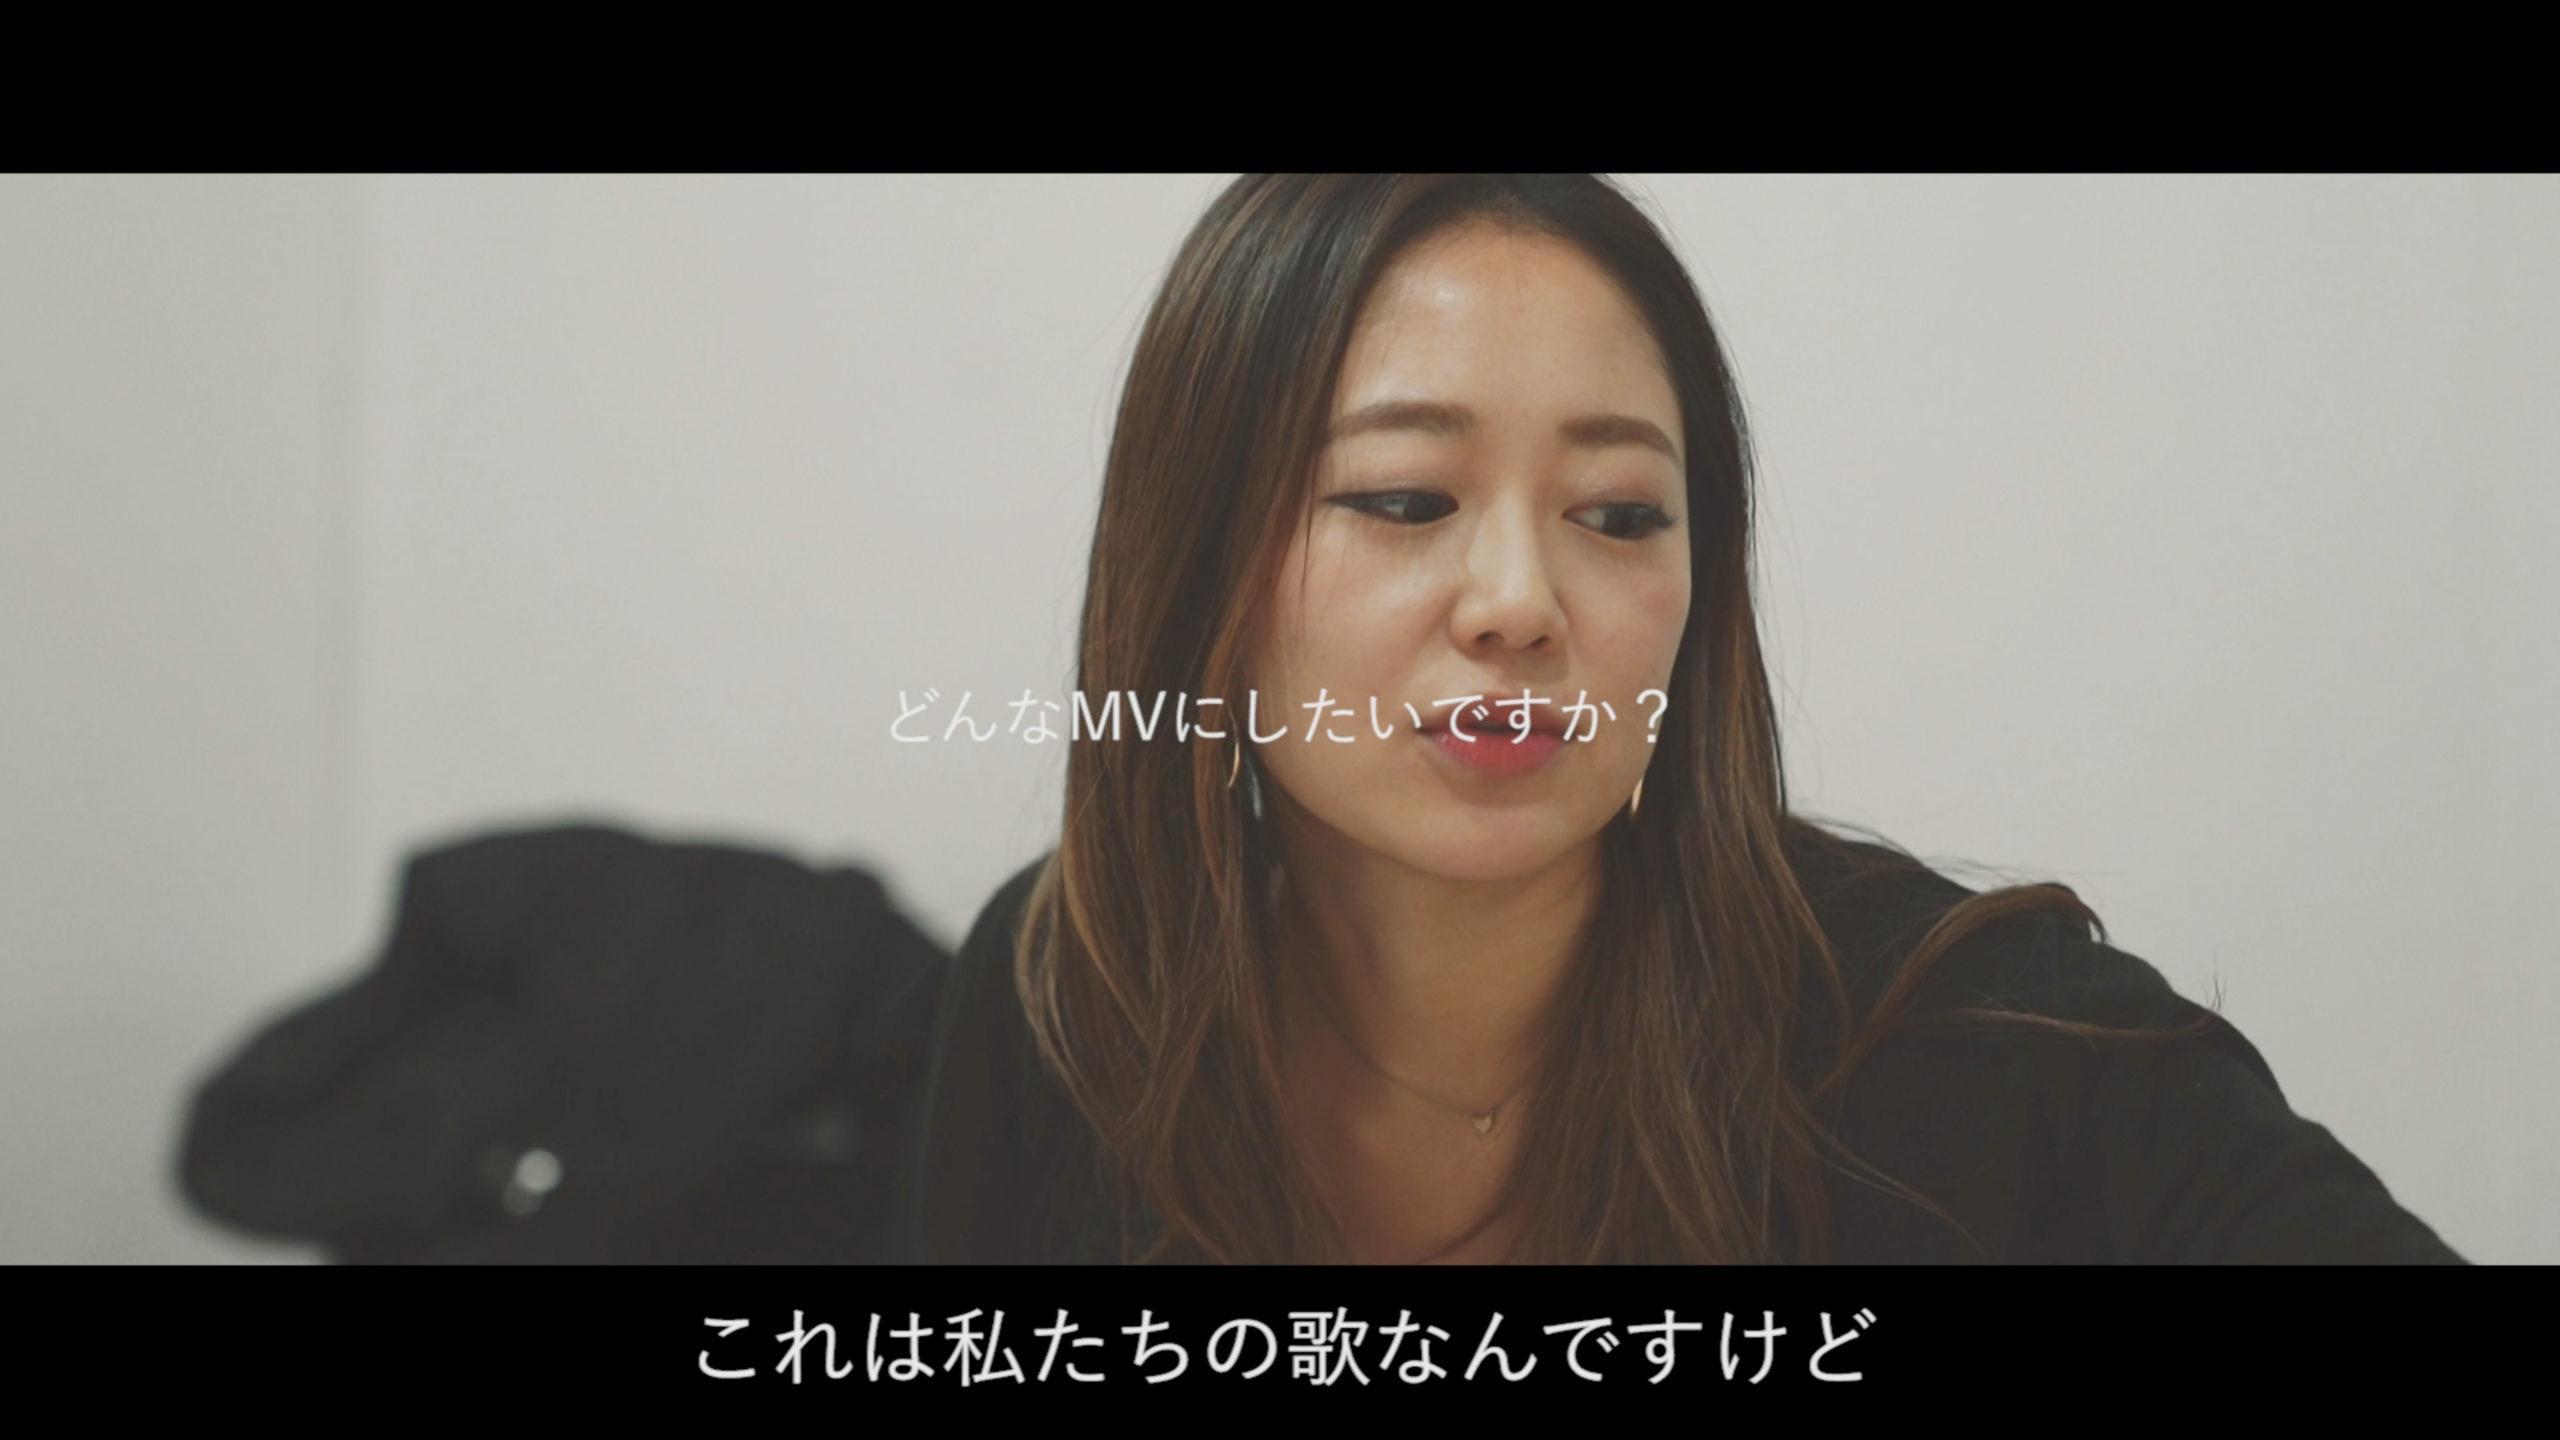 ハイパヨ新曲MVの想い